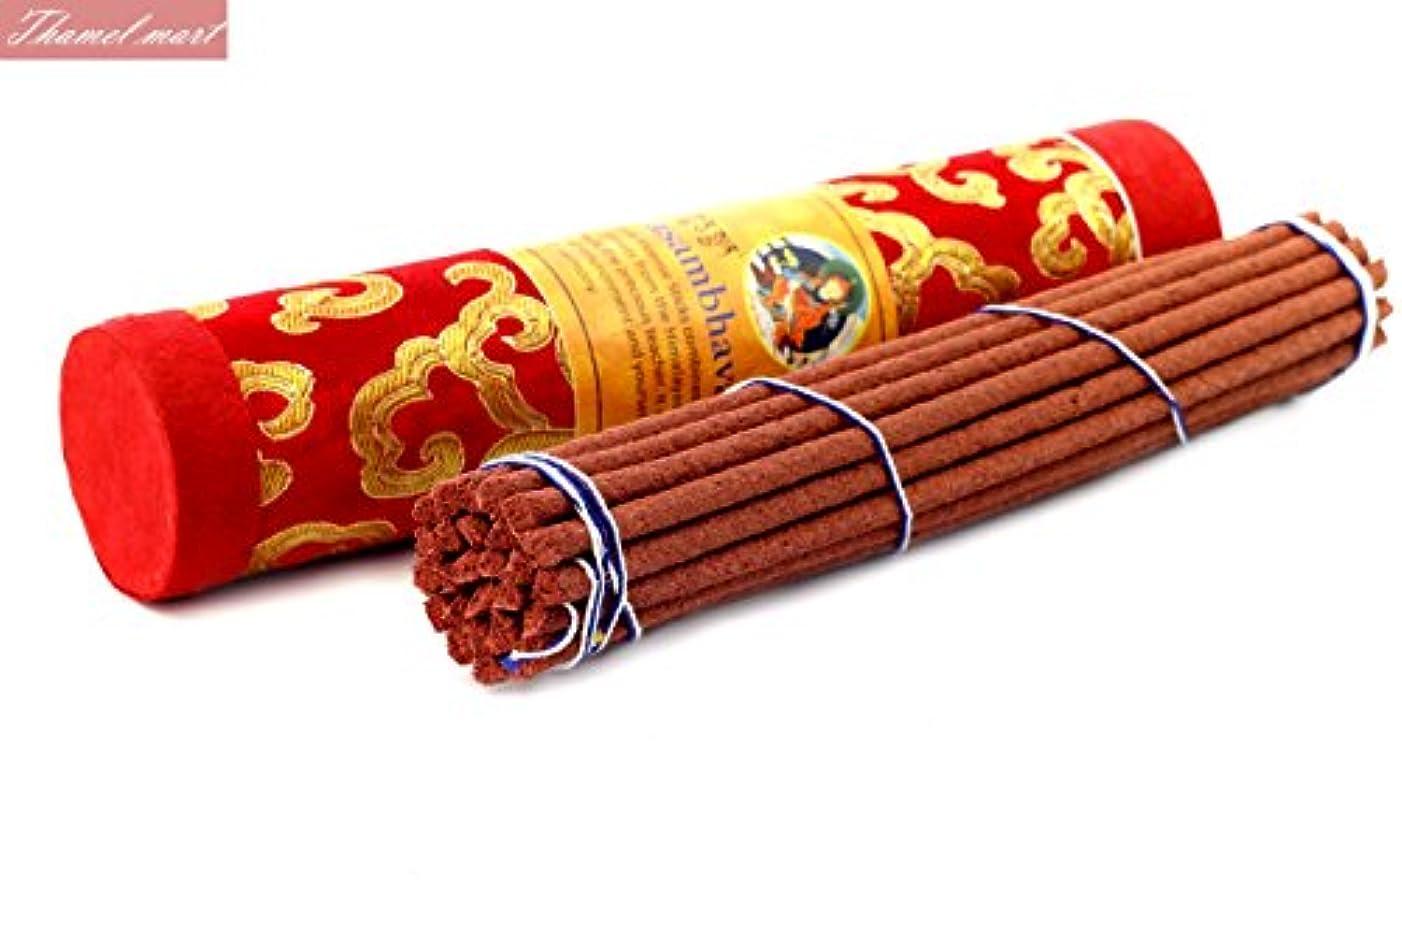 ピクニックをするアヒル接辞Padmasambhava Tibetan Incense Sticks – Spiritual & Medicinal Relaxation Potpourrisより – 効果的& Scented Oils